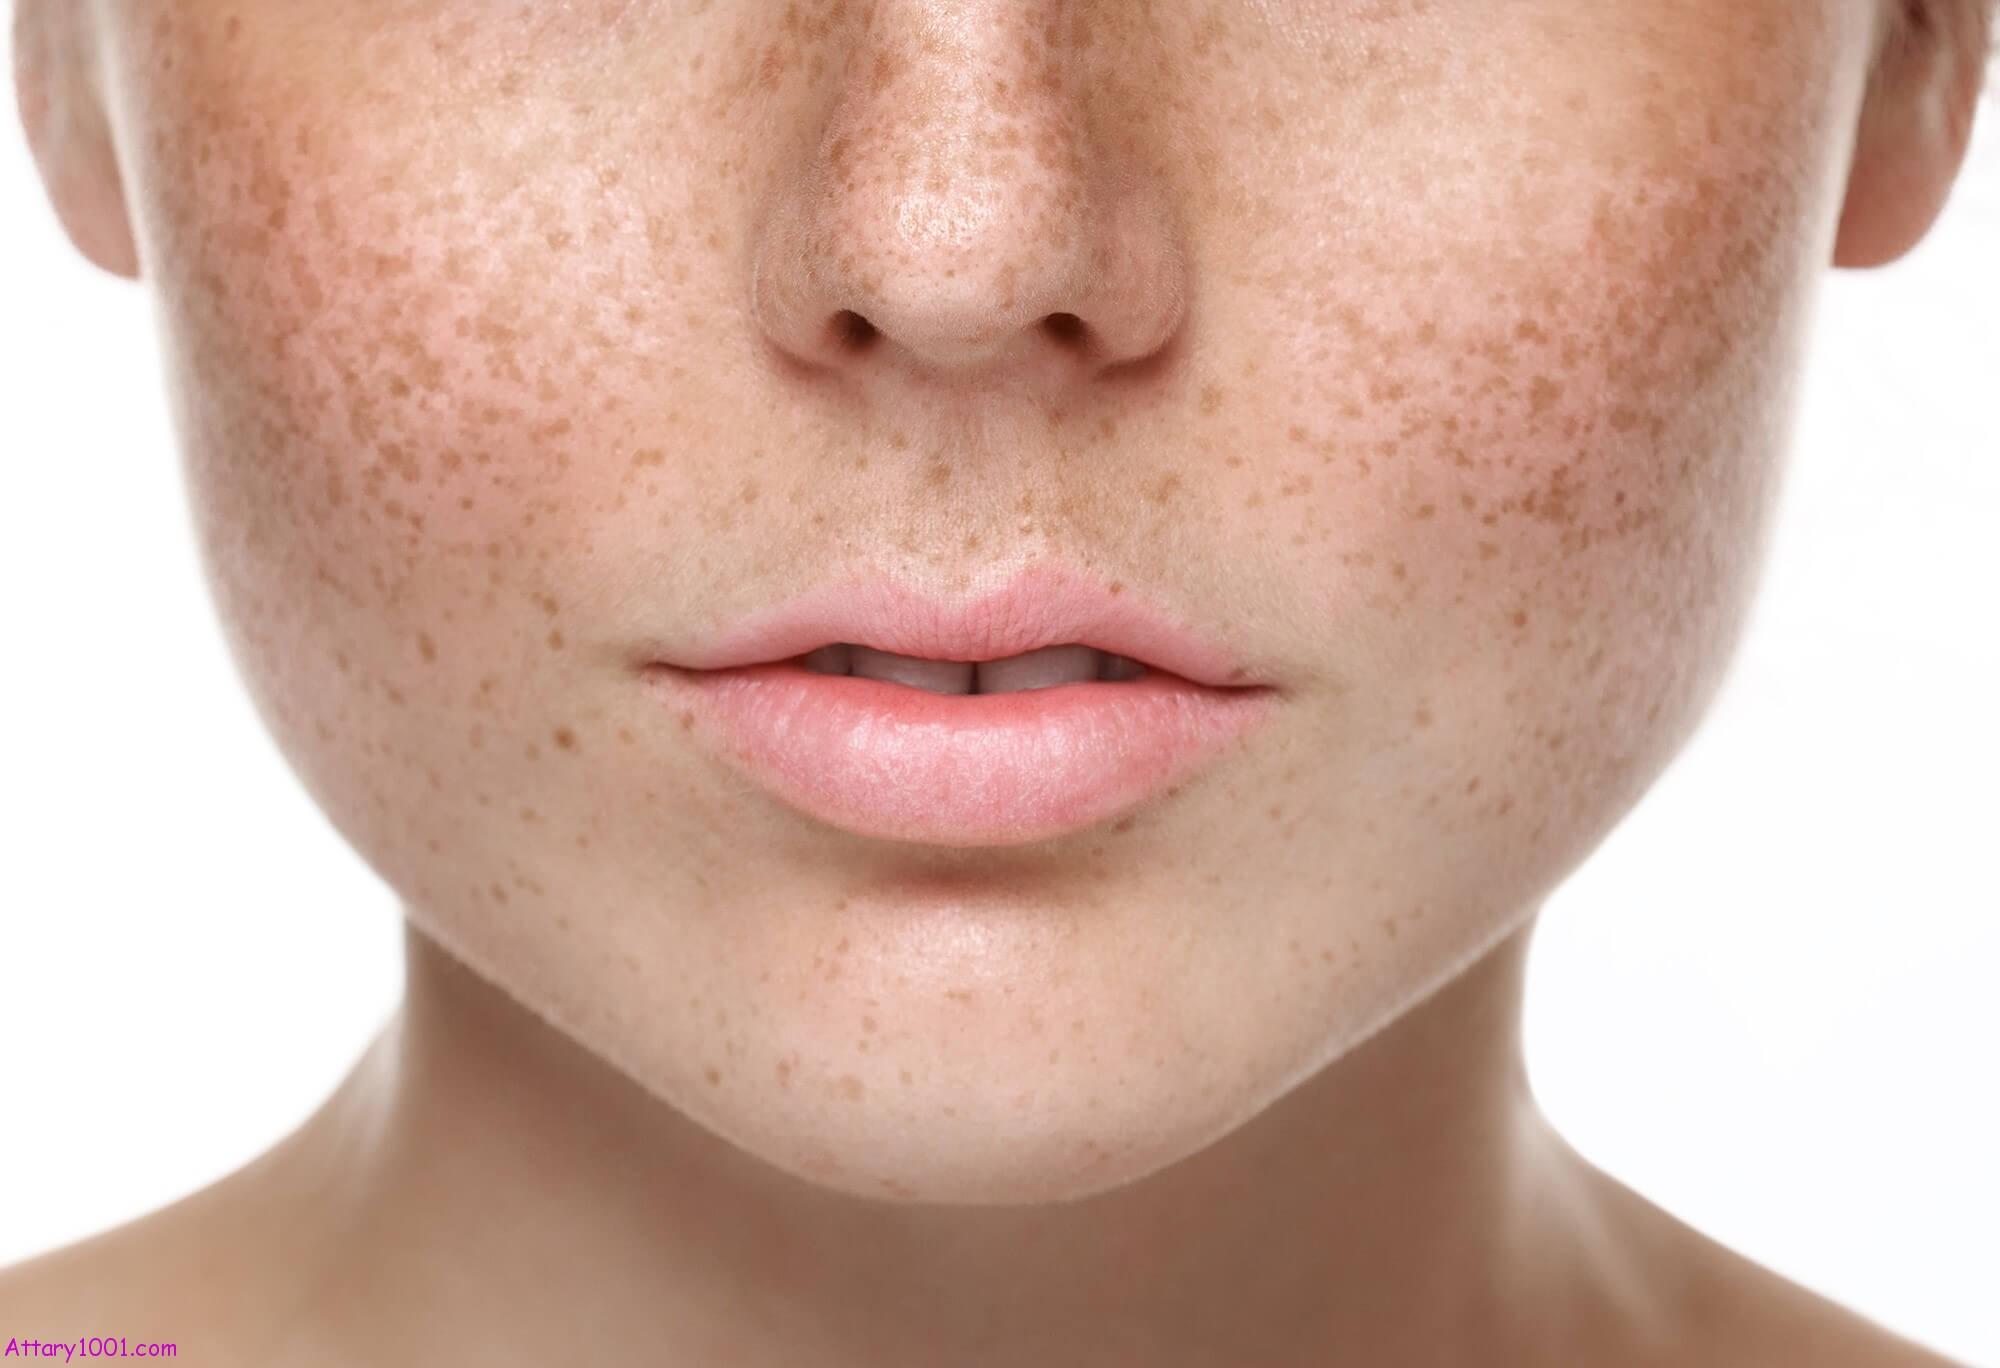 درمان های پوستی که نباید در خانه روی پوست تان انجام دهید